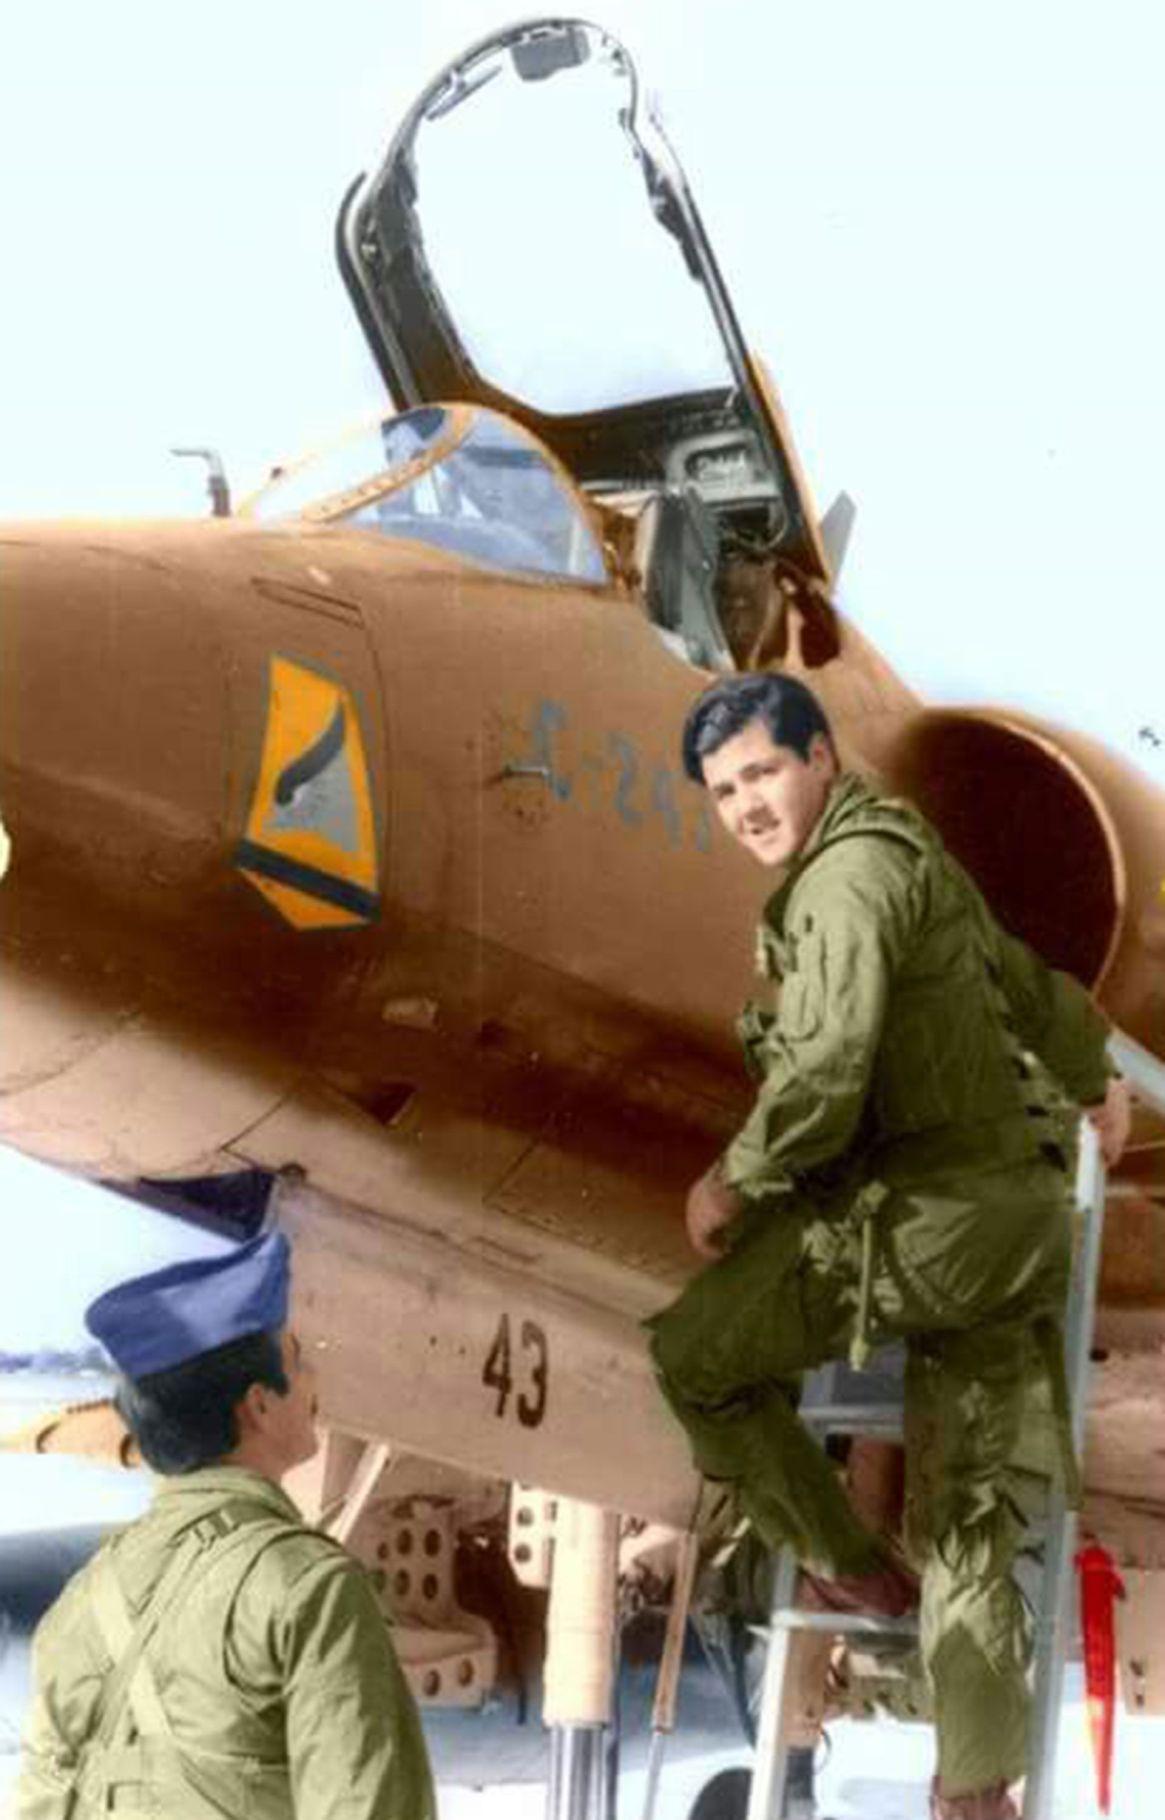 El 1er Teniente José Daniel Vázquez trepando a su Skyhawk tras ofrecerse como voluntario para una misión sumamente peligrosa. Tenía 30 años y acababa de ser padre por tercera vez.